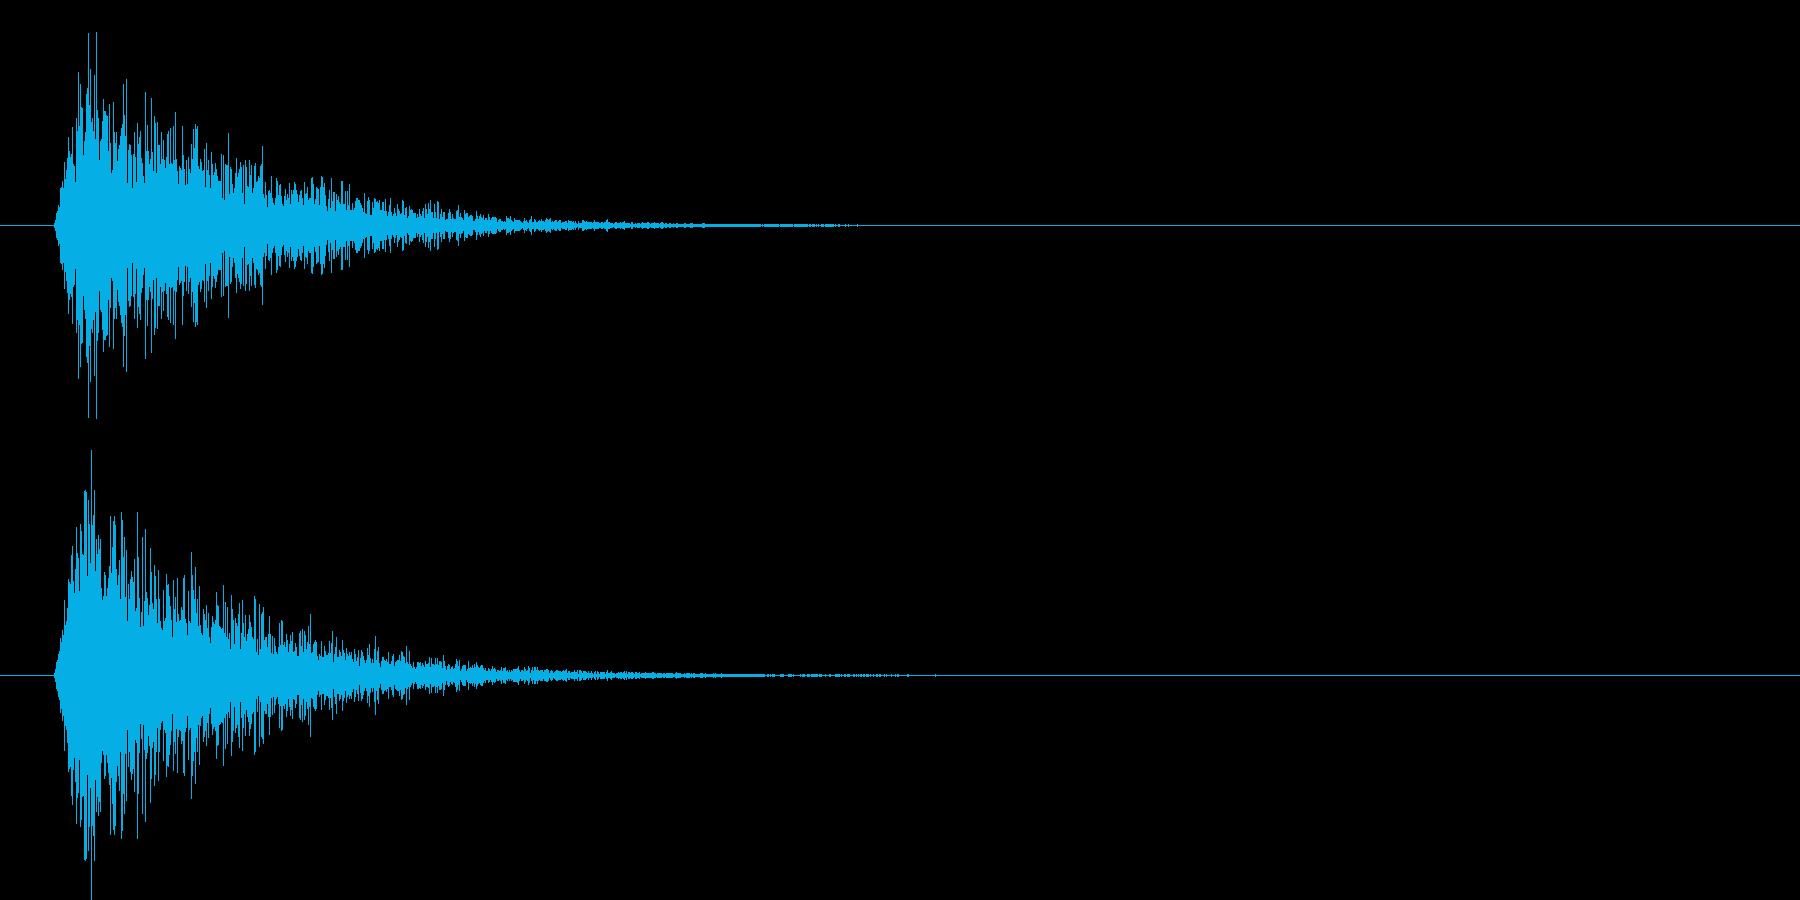 ダァン!(デカイ剣を振り下ろす音)の再生済みの波形